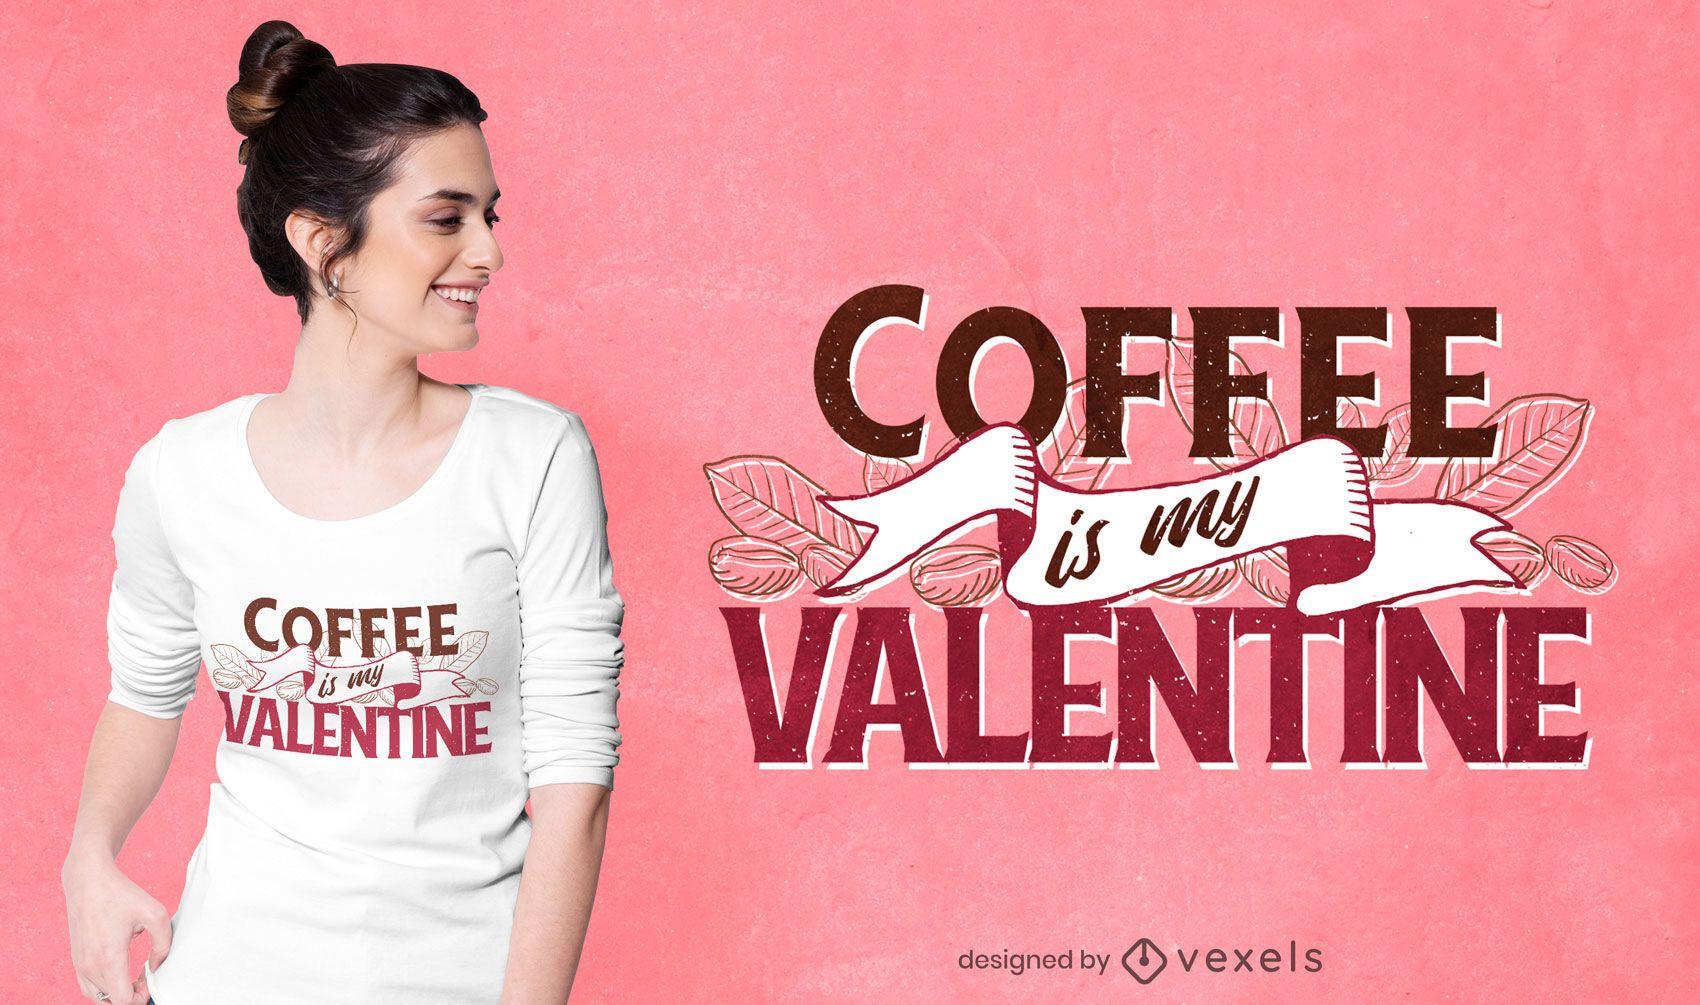 El caf? es mi dise?o de camiseta de San Valent?n.